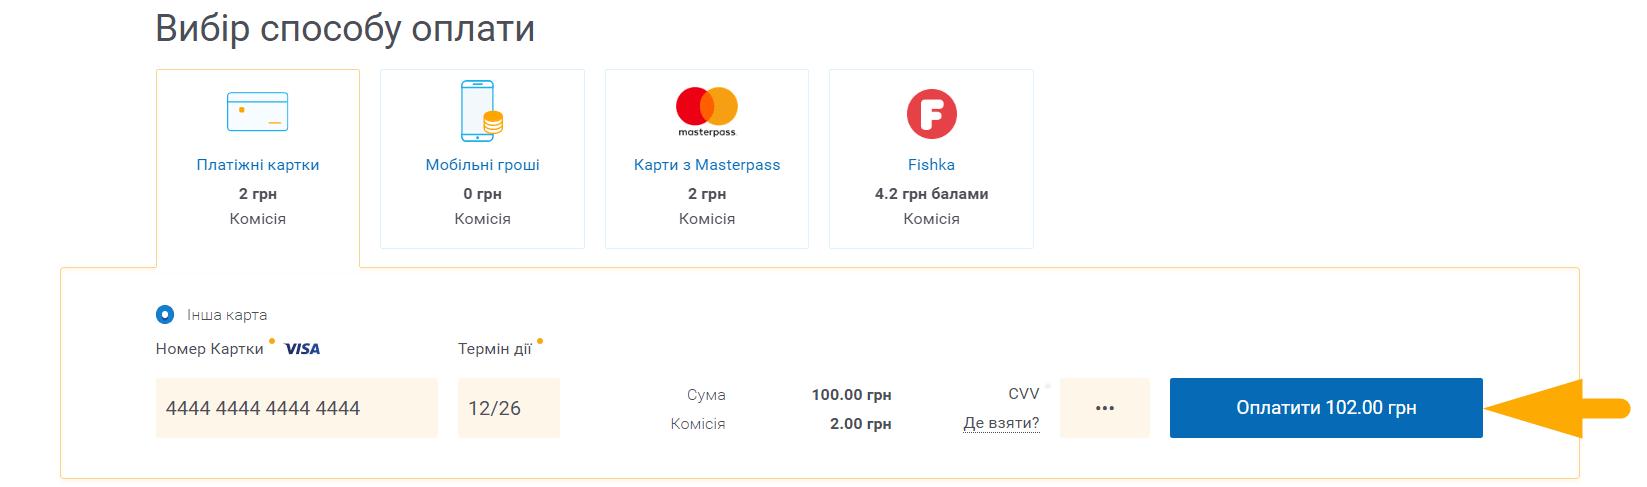 Як оплатити інтернет Чорне море - крок 4